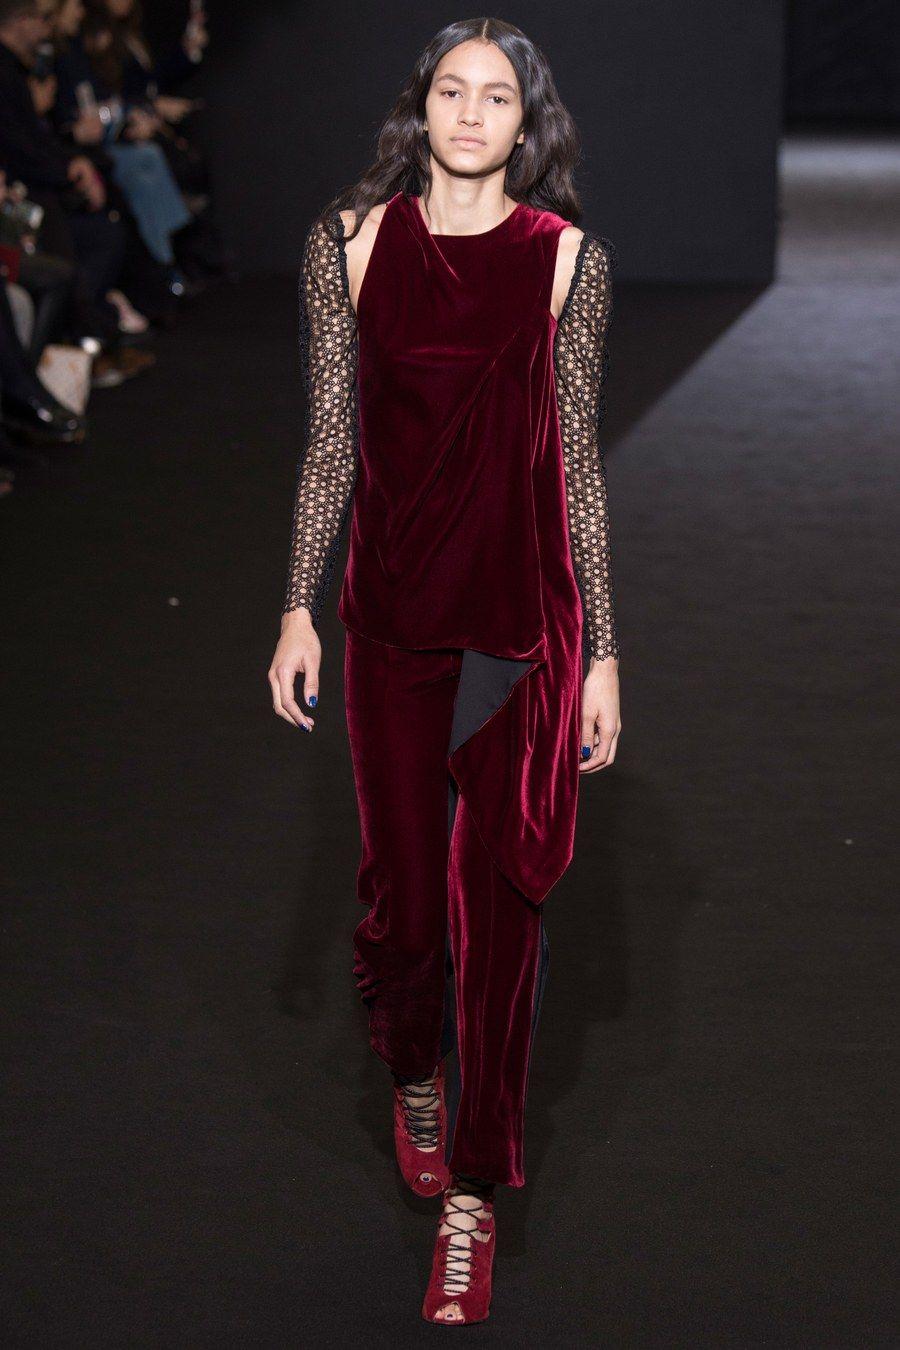 Olsen Ashley short hair, Dress Designer shirts